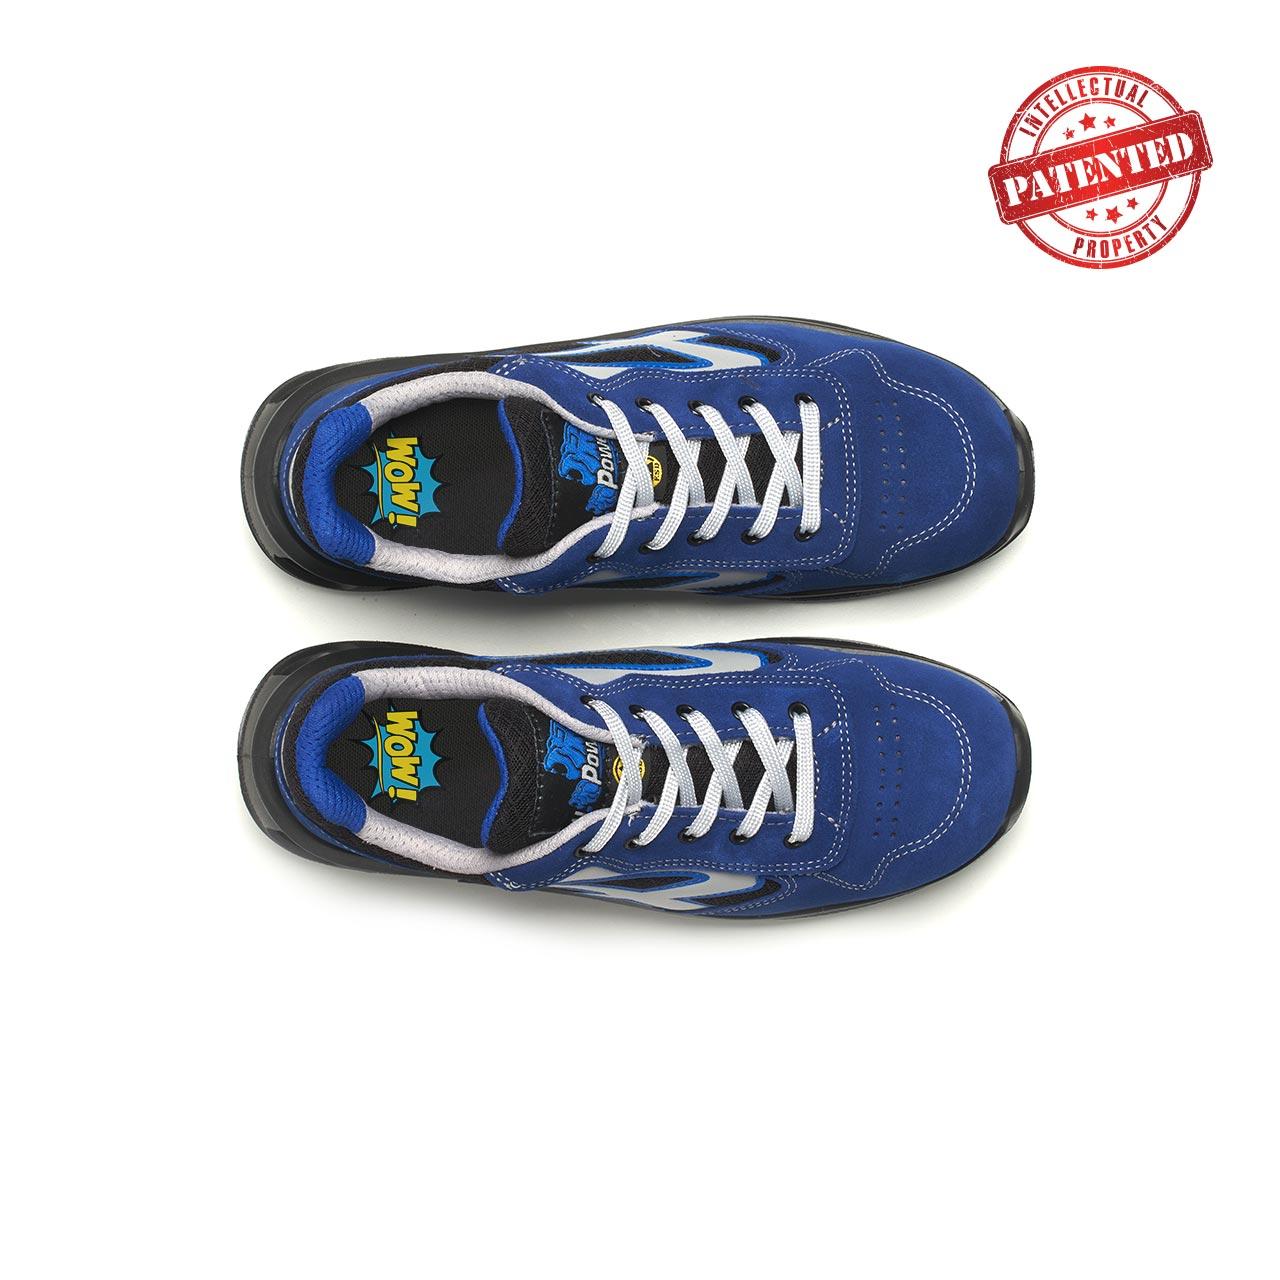 paio di scarpe antinfortunistiche upower modello dea linea redlion vista top